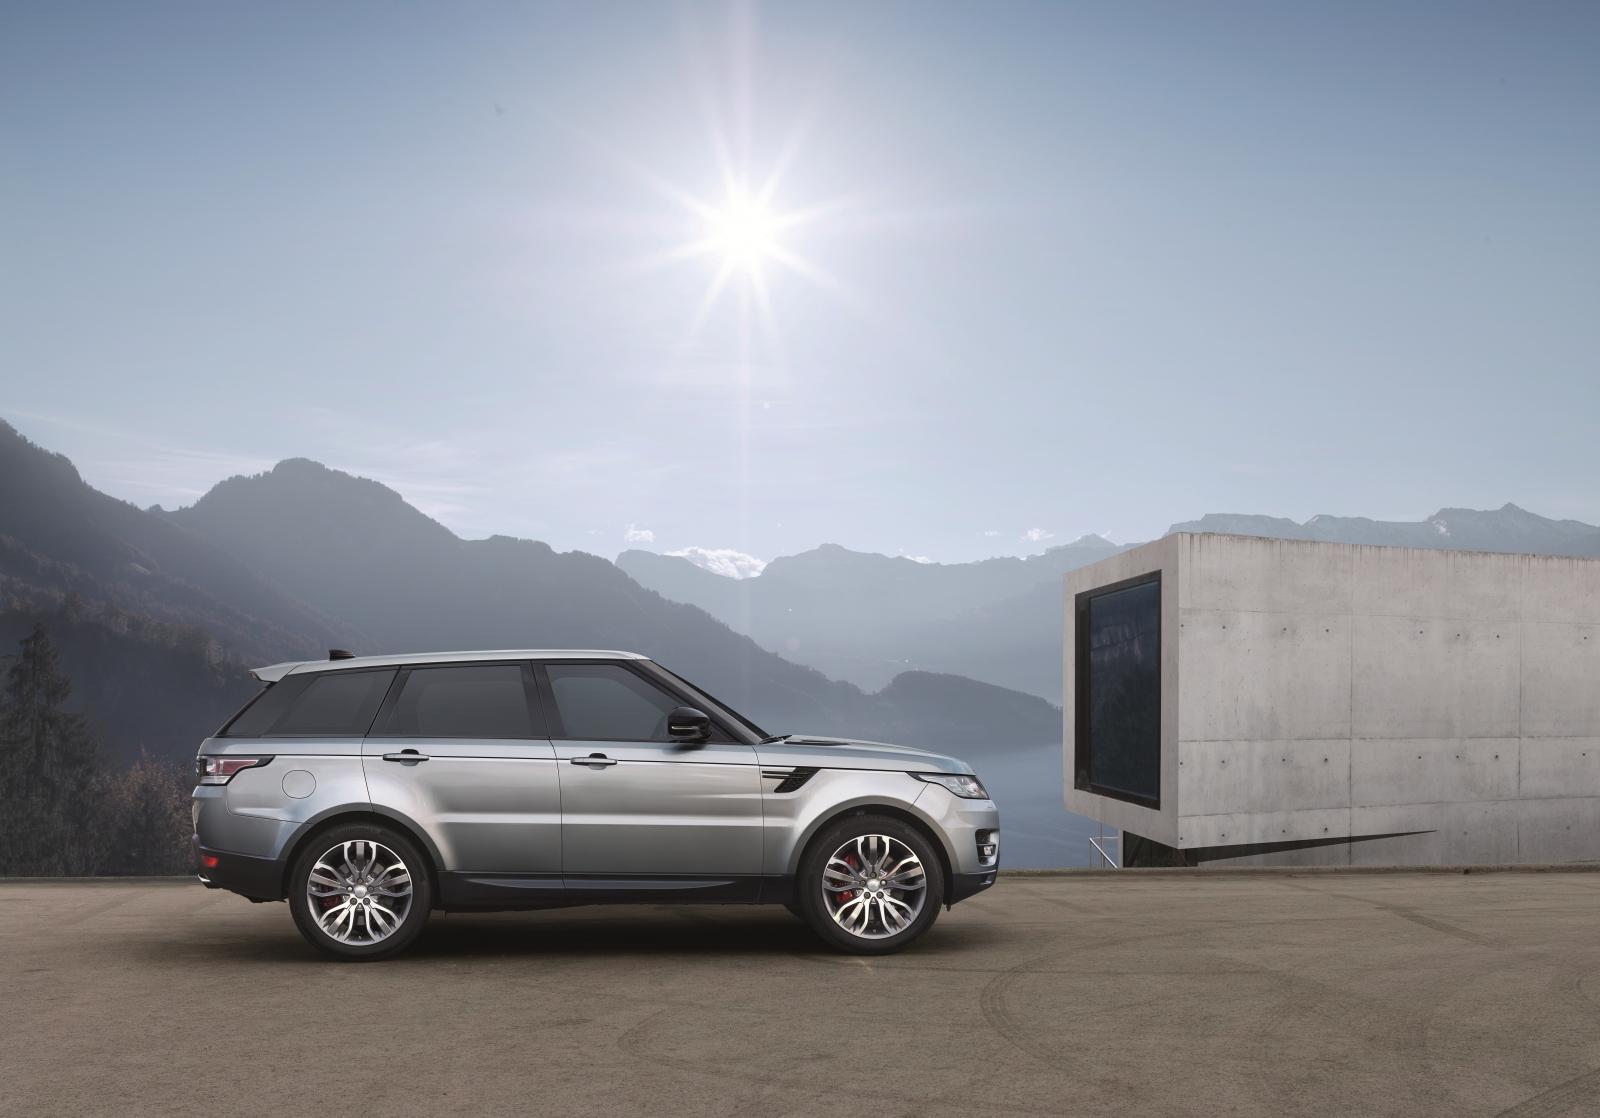 Range Rover introduces autonomous driving features